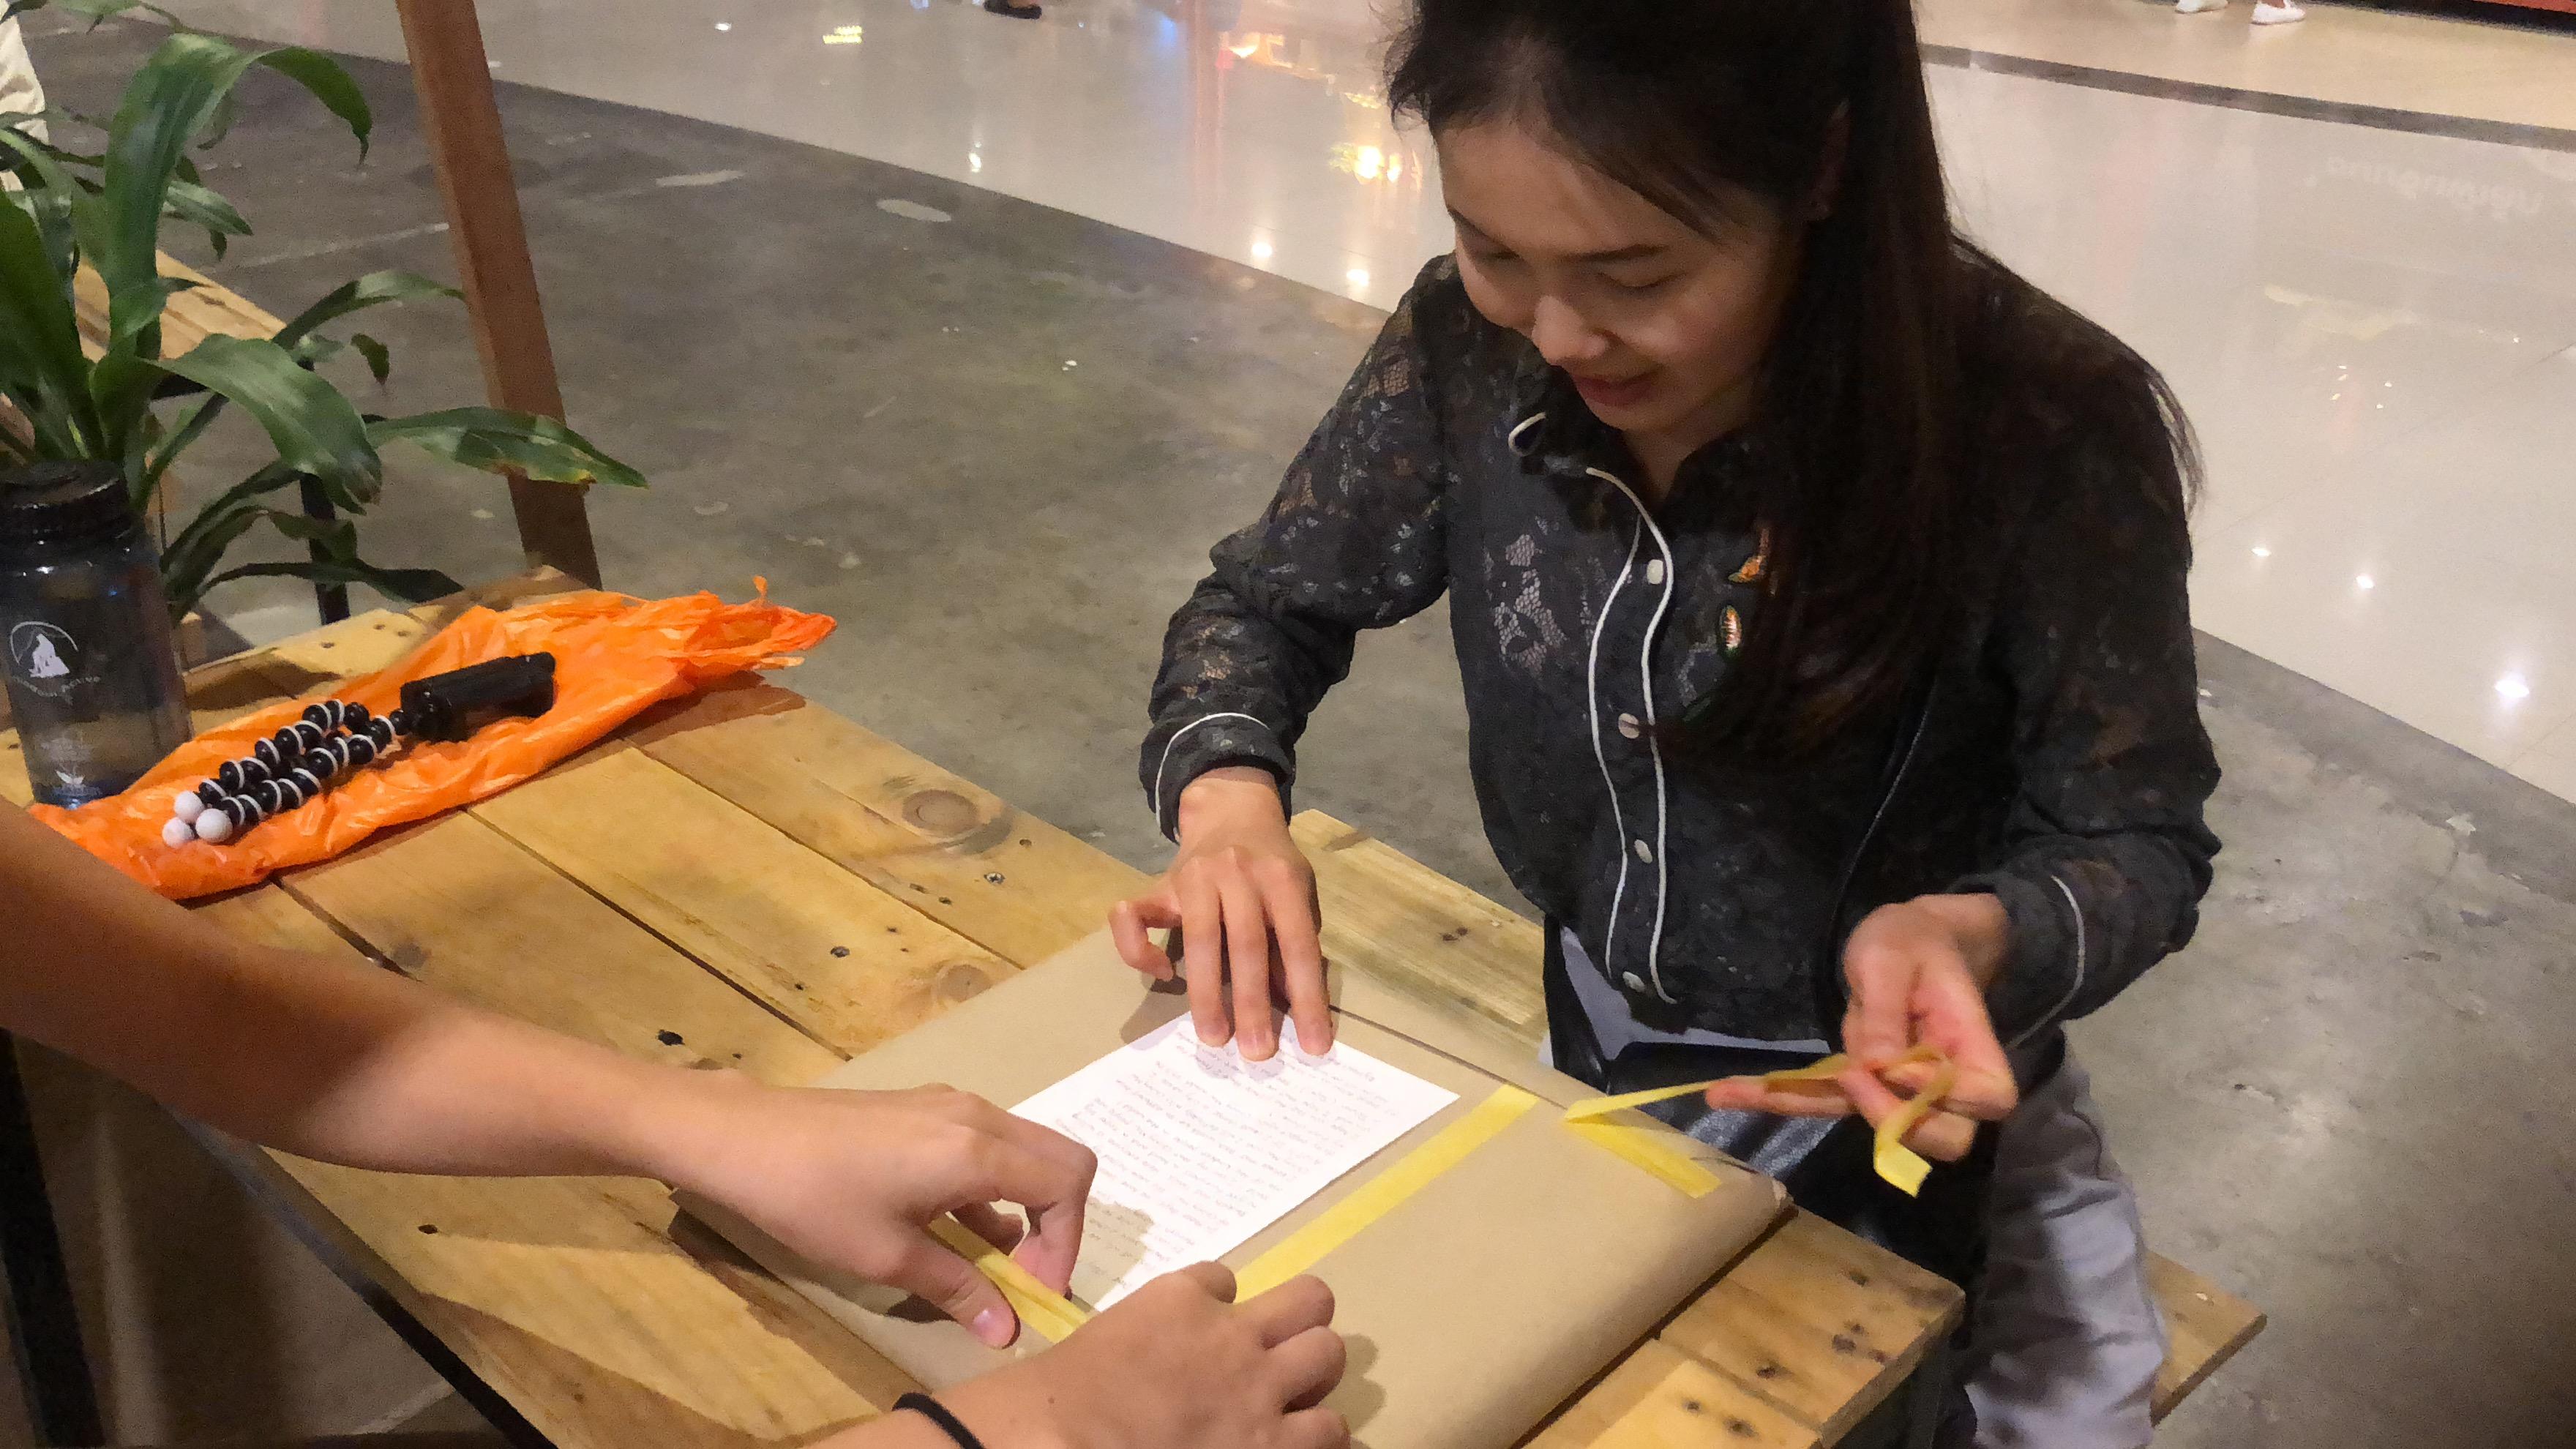 圖三:曾律綺在當地相館將照片洗後,並運用從台灣帶過去的木頭等材料表框,作爲禮物送給4位受訪者。圖片提供/曾律綺